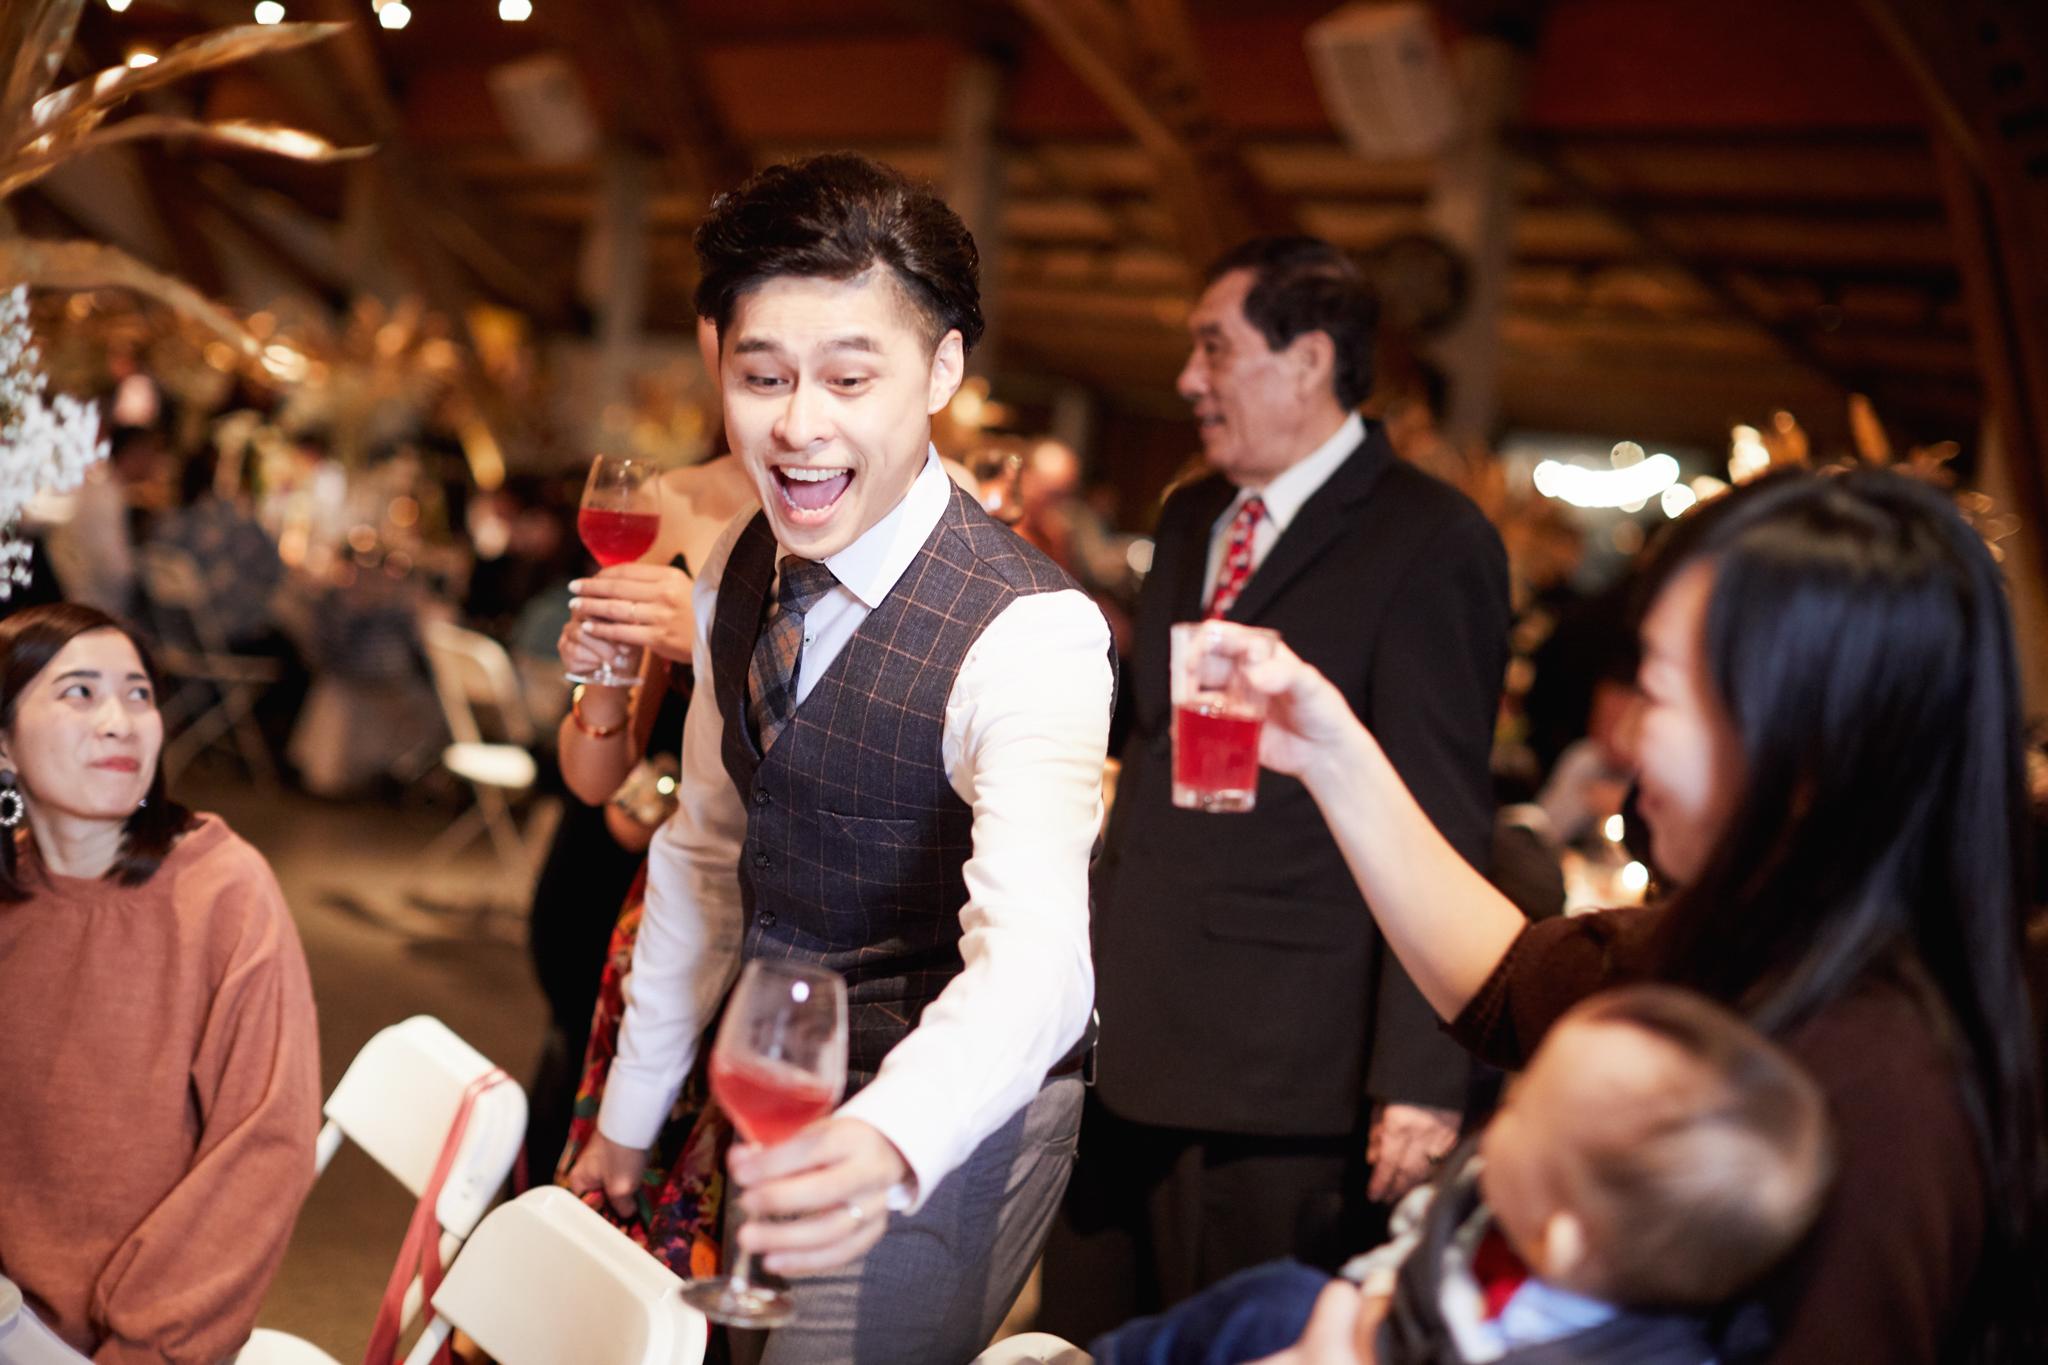 顏牧牧場婚禮, 婚攝推薦,台中婚攝,後院婚禮,戶外婚禮,美式婚禮-121